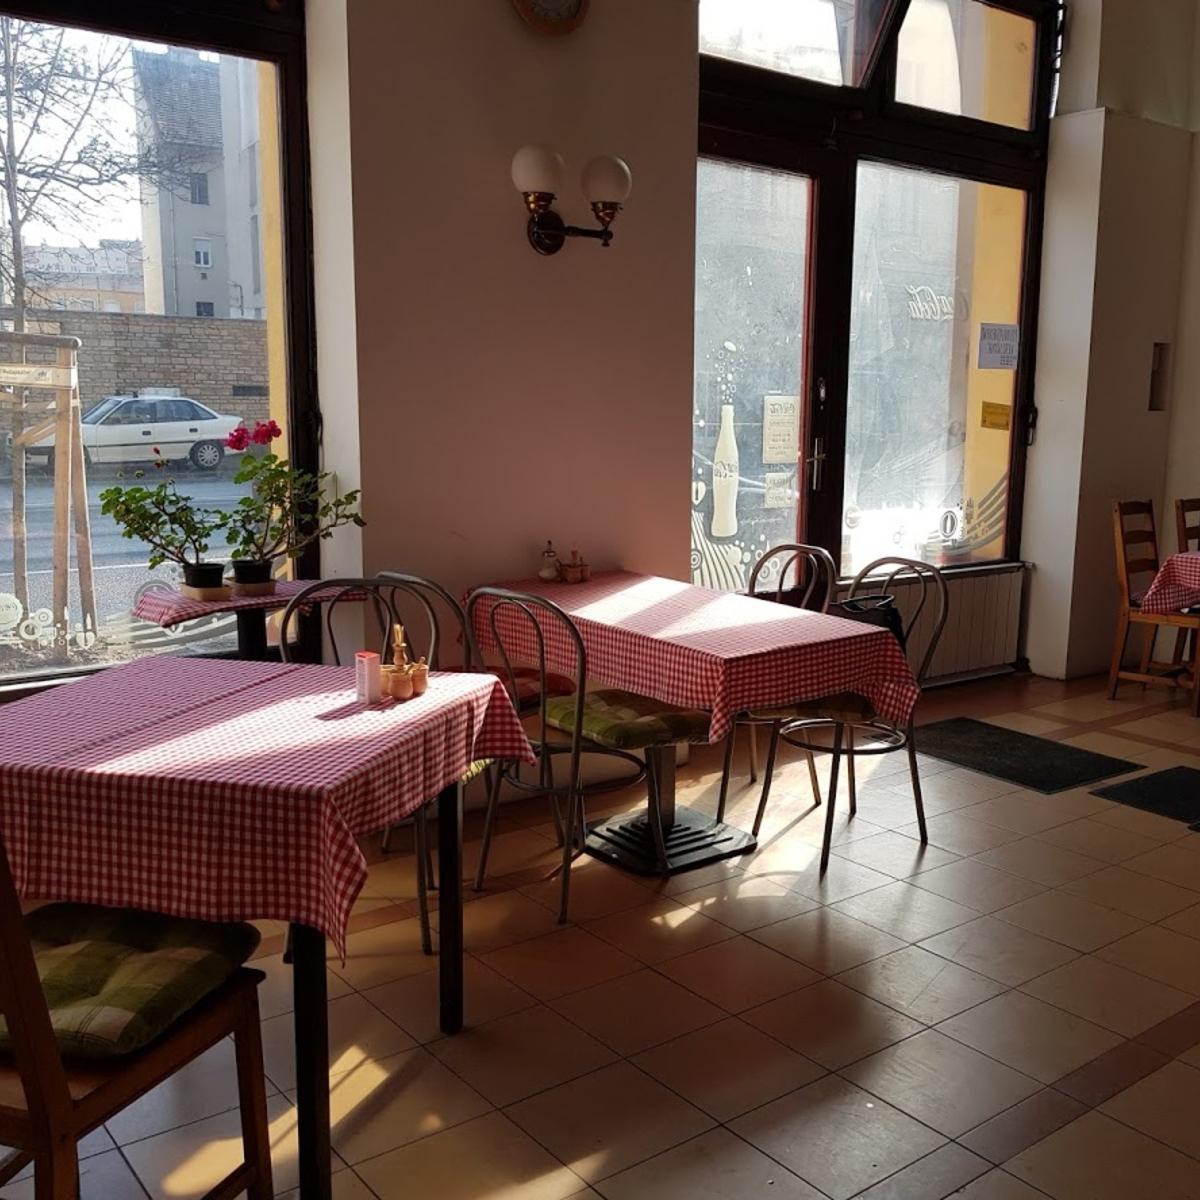 Eladó  vendéglátás (Budapest, III. kerületBudapest, III. kerület) 51,9 M  Ft +ÁFA